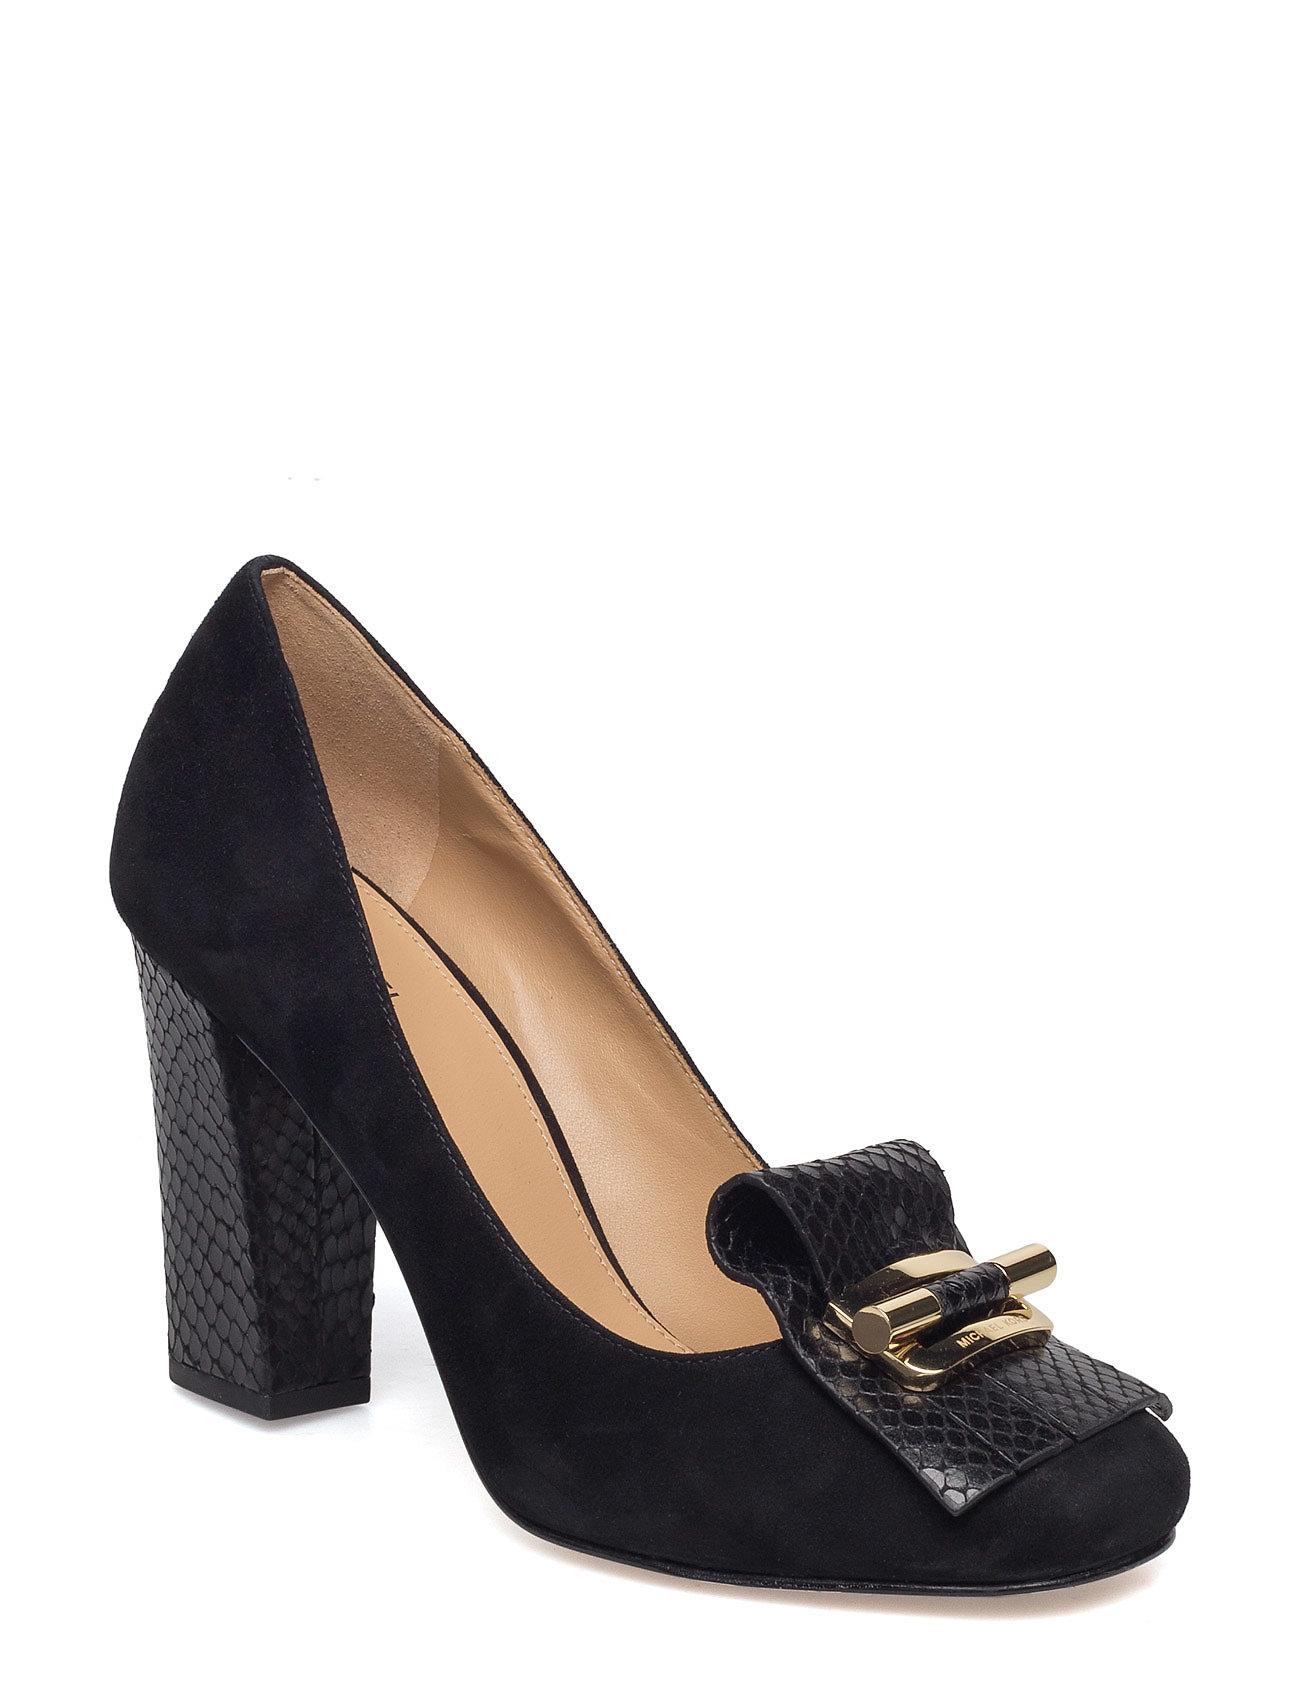 7d24d72aeb45 Bestil Gloria Kiltie Pump Michael Kors Shoes Stiletter i Sort til Damer hos  Boozt.dk